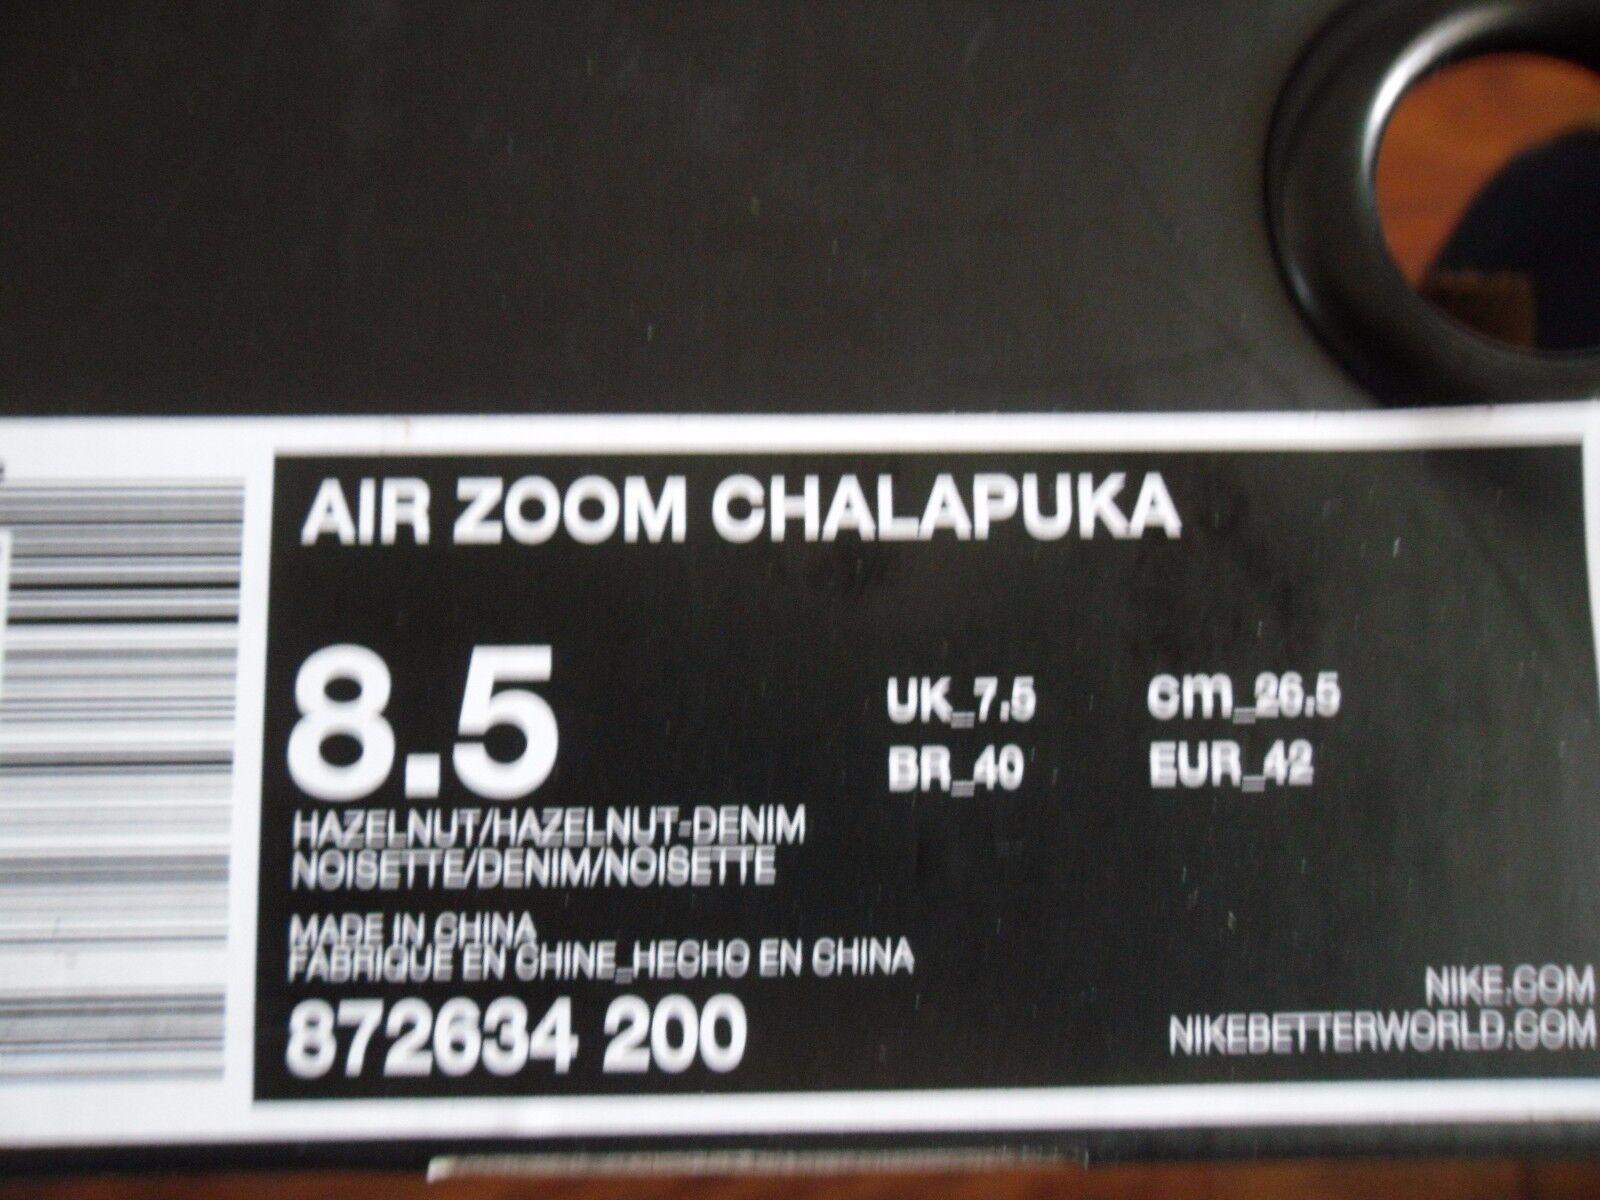 NIKE AIR ZOOM 8.5 CHALAPUKA NIKELAB HAZELNUT-DENIM BLUE SZ 8.5 ZOOM [872634-200] 54cc90